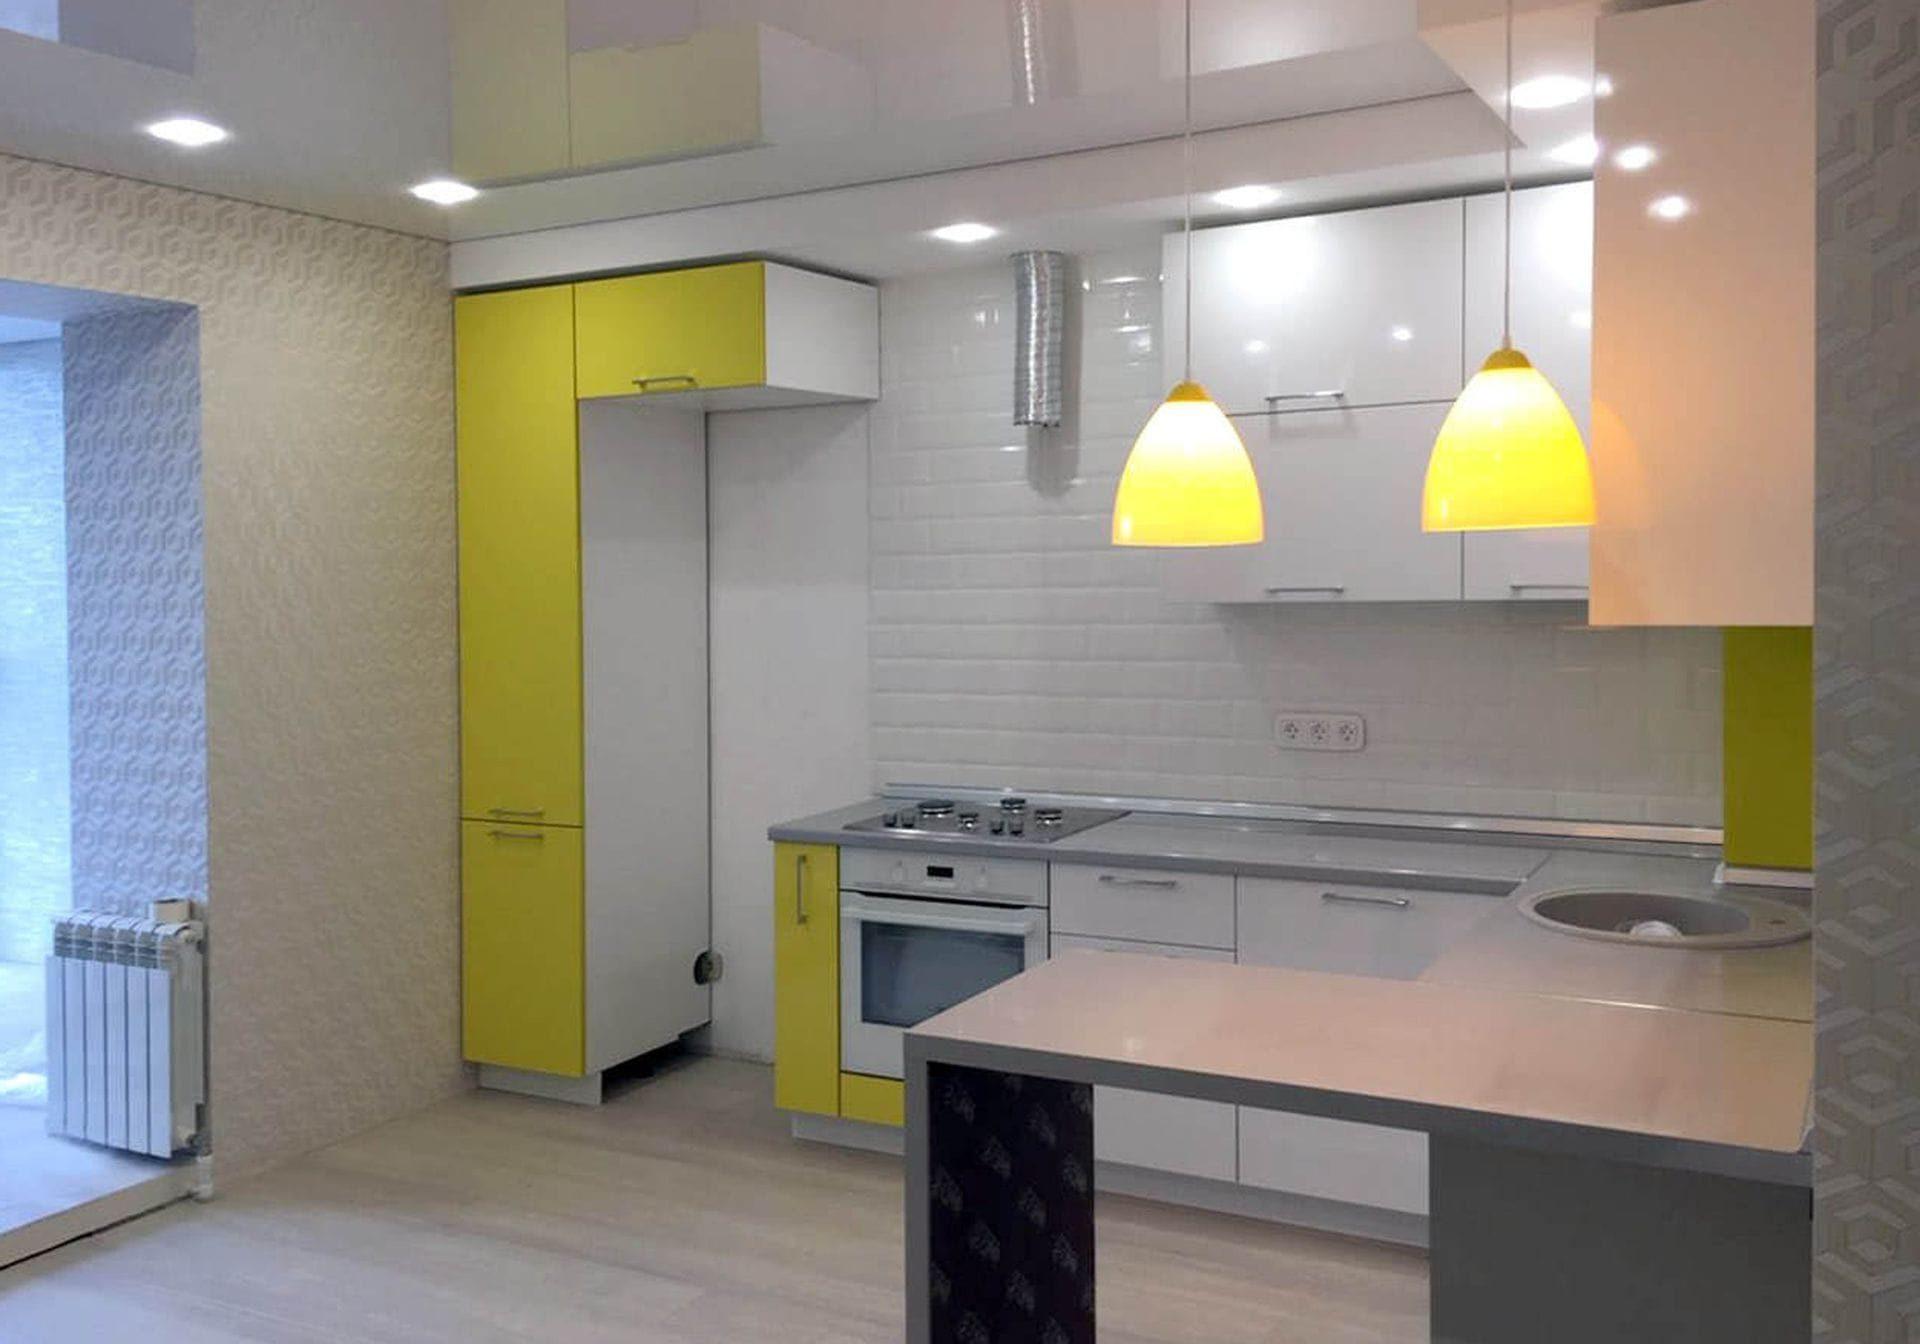 П-образная желто-белая кухня с барной стойкой, матовая